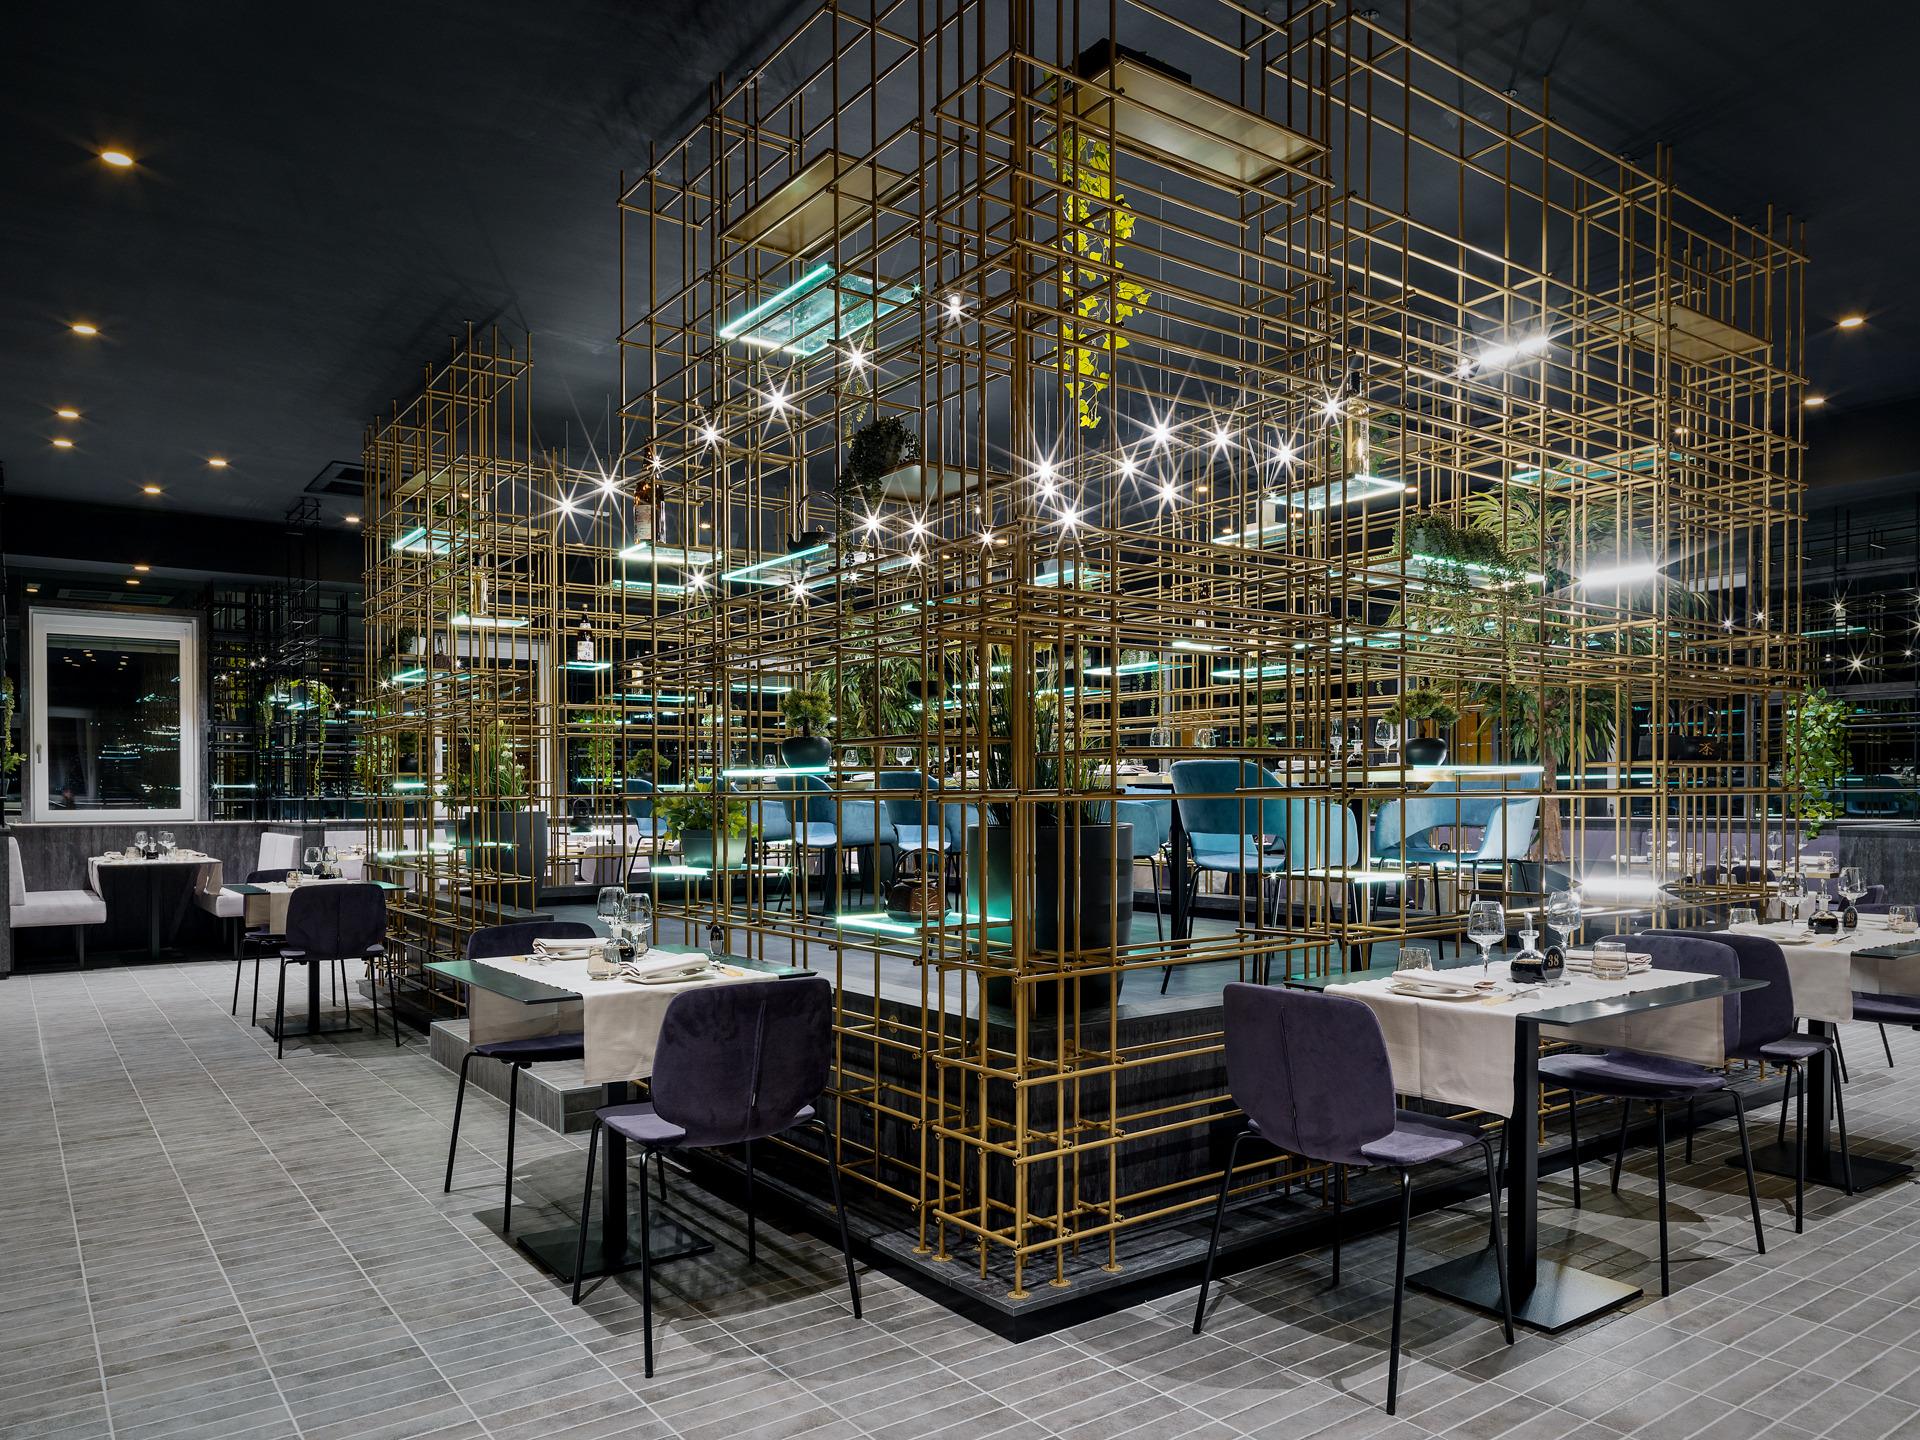 Ort: Colico <br> Typ: Interieur und Executive Design<br> KANTO 'ist ein japanisches Restaurant in Colico <br> Gewollt war ein geordnetes, symmetrisches, rigoroses Projekt, aber gleichzeitig mit wichtigen Details wie den Gerichten, die ich gesehen und probiert habe.<br> Das Gebäude hat sich viel für dieses Projekt geleistet; Eine gewöhnliche Pflanze, die in einen szenografischen Begrenzungskäfig in Eisenröhren gehüllt haben, zu denen einige leuchtende Regale mit ruhenden, grün hängenden Pflanzen und verschiedenen Objekten im orientalischen Stil hinzugefügt wurden, die alle durch die Spiegelbeschichtungen der Wände verstärkt wurden, die noch mehr Tiefe verleihen und Größe des Restaurants.<br> Das Restaurant ist auf zwei Ebenen aufgeteilt. In beiden Räumen drehen sich die Räume um einen zentralen Kern.<br> Im Erdgeschoss befindet sich die Bar und die Sushi-Zubereitung direkt hinter der Willkommensstation.